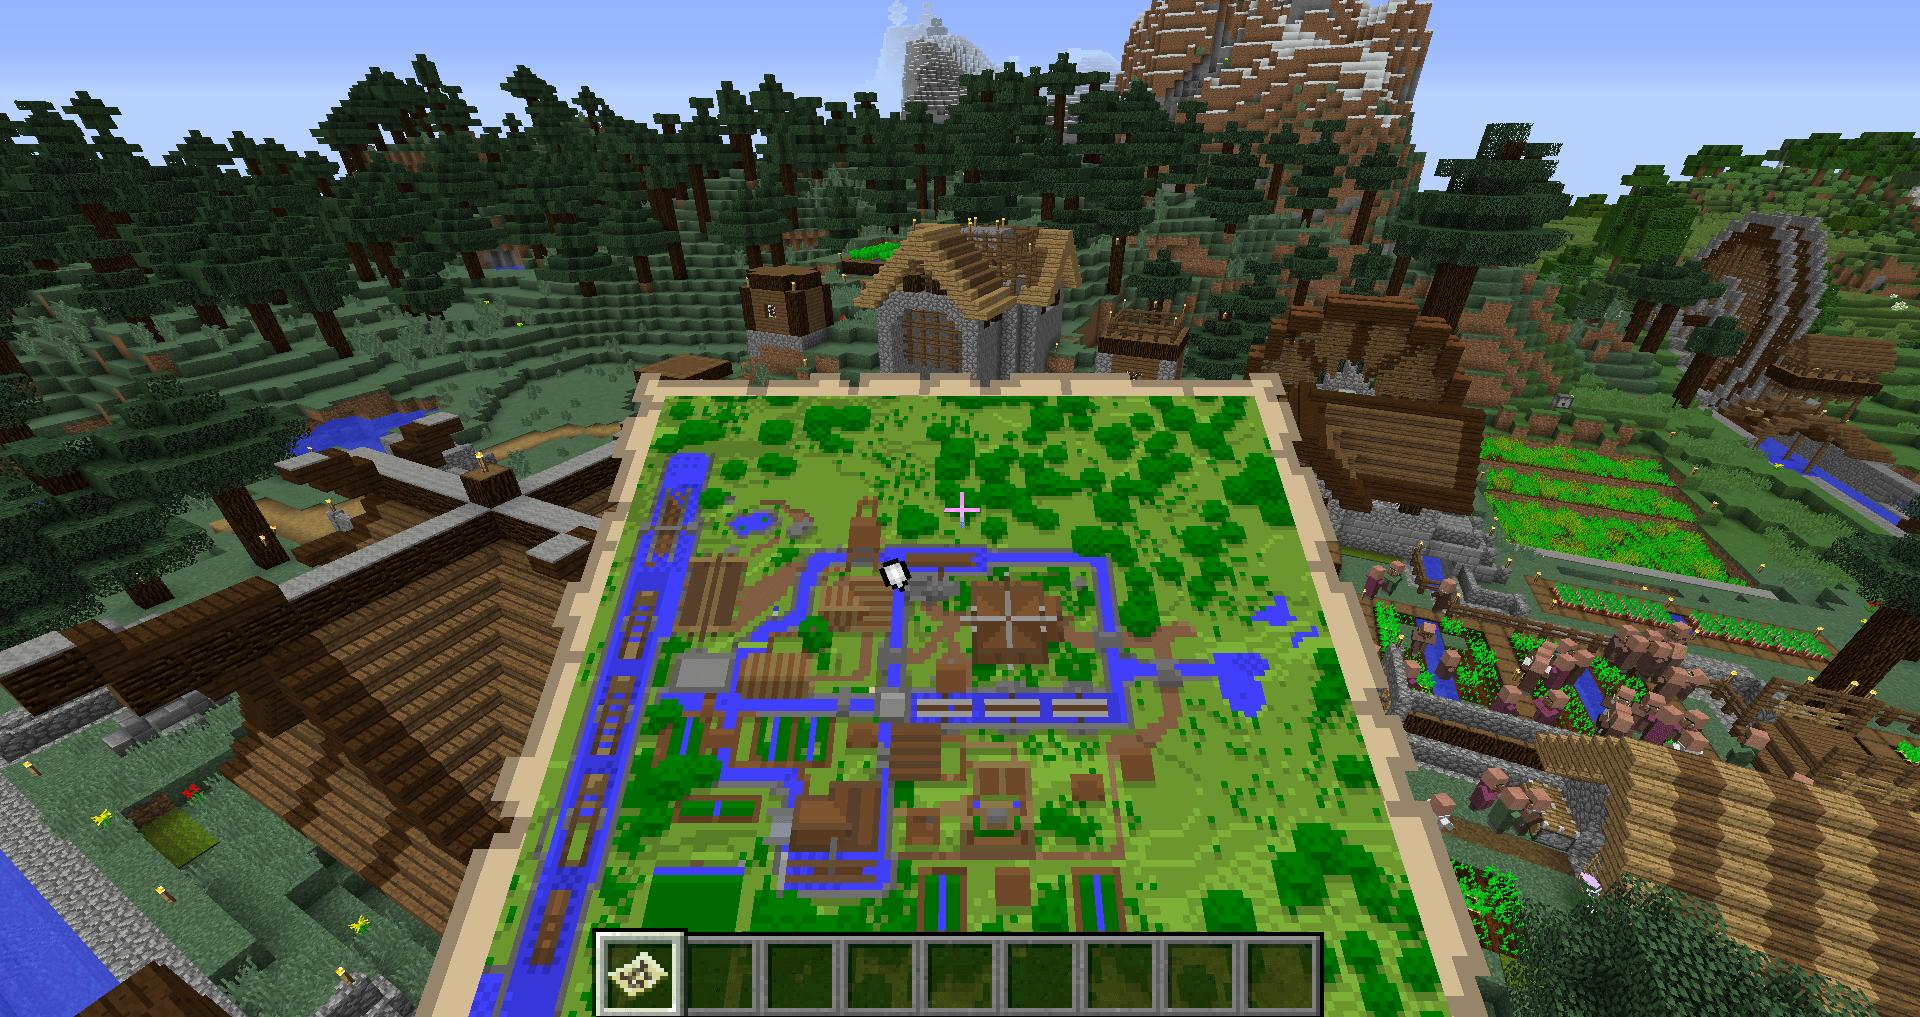 マインクラフト 地図の使い方、地形を書き込む